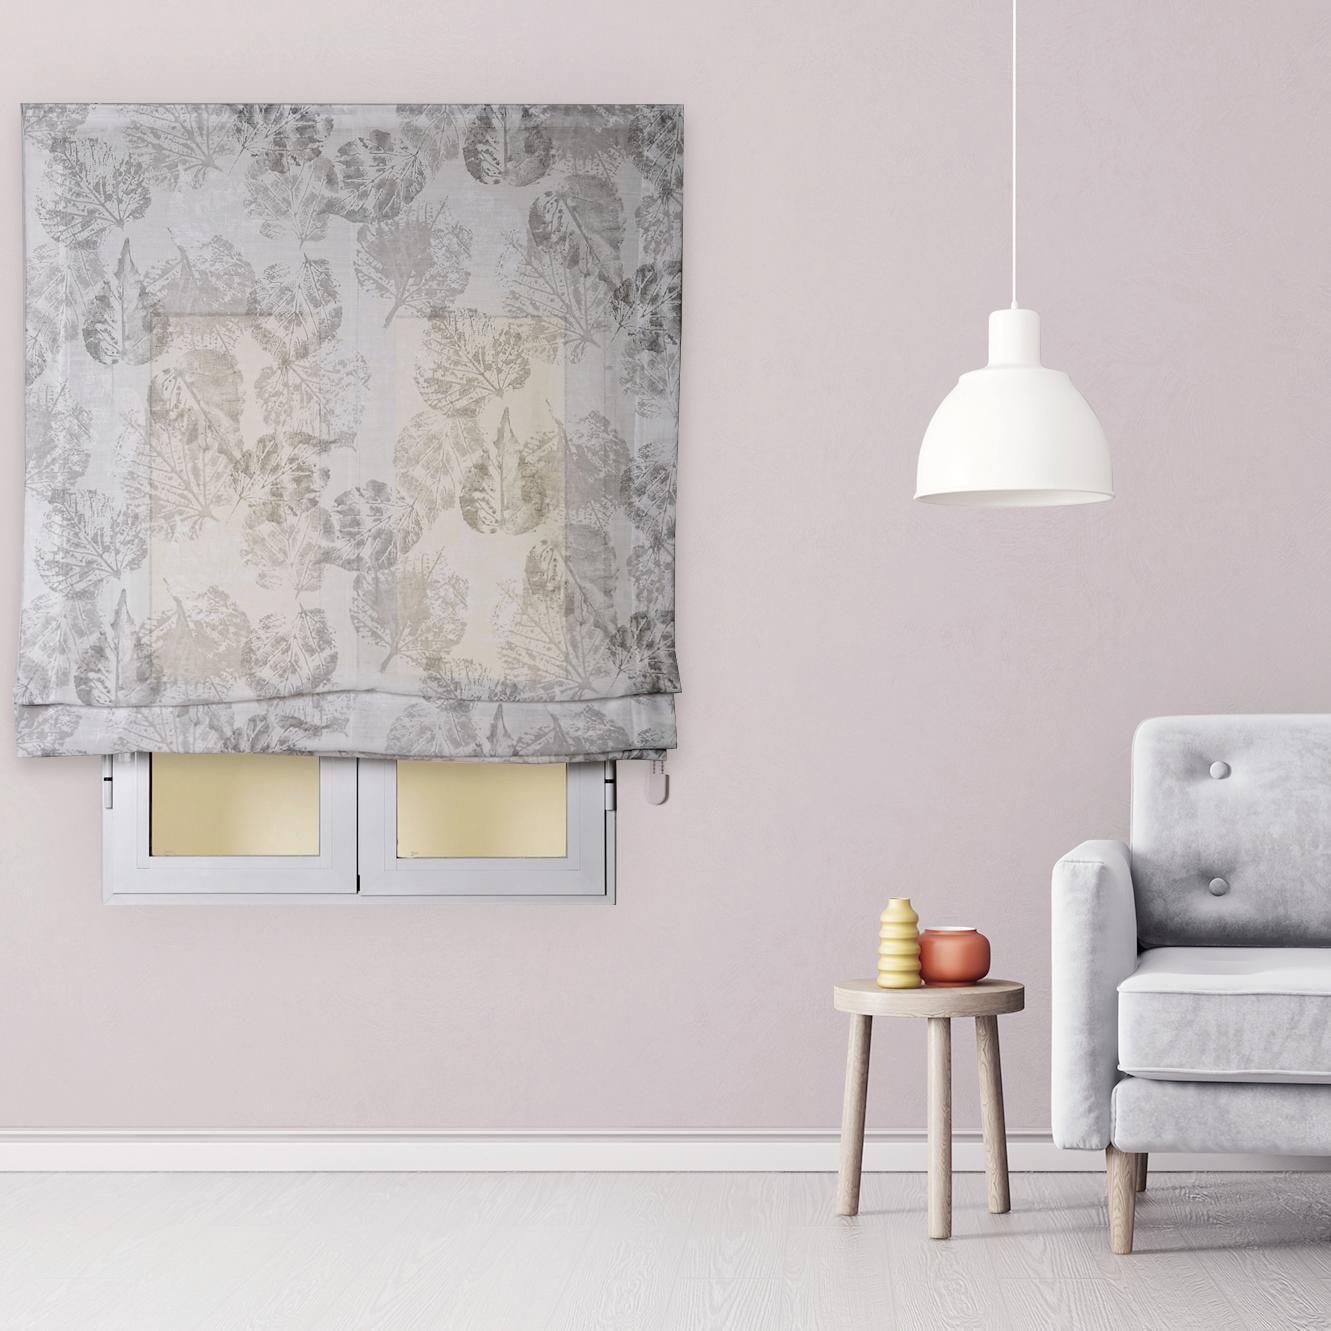 Tenda a pacchetto INSPIRE Fogliabella grigio / argento 165x250 cm - 2